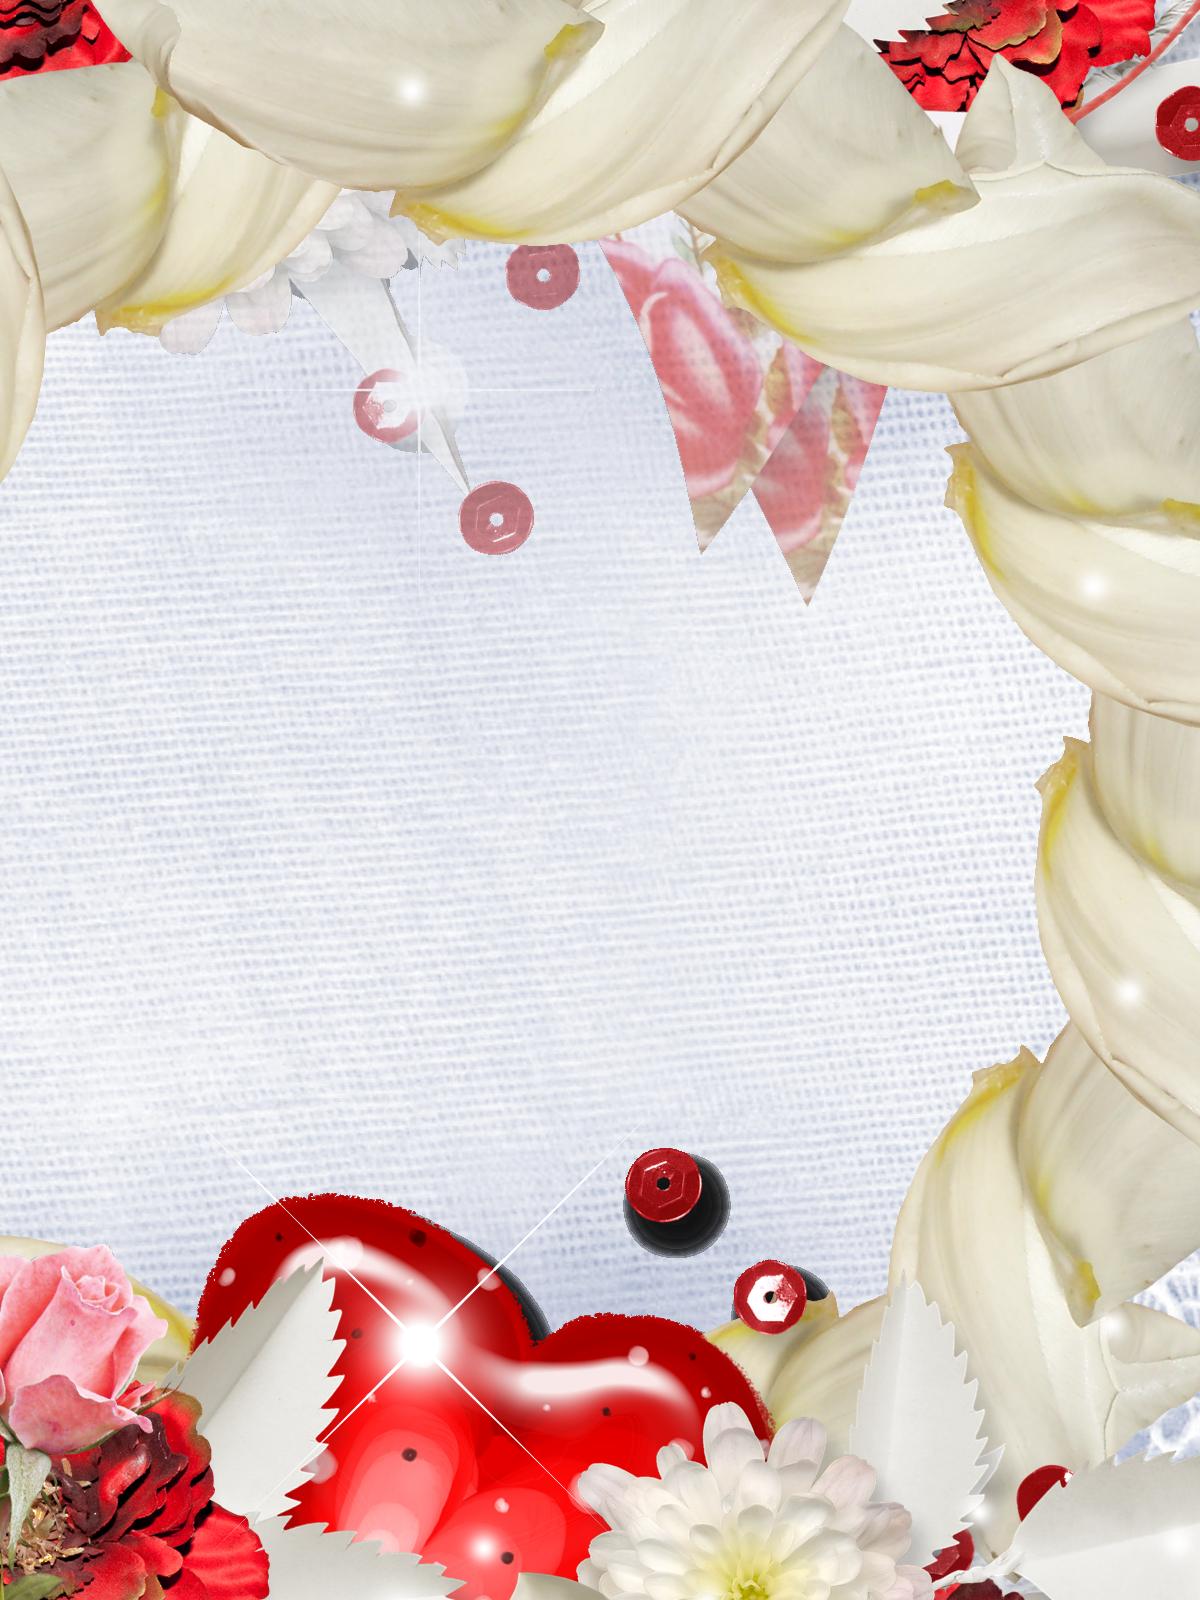 Фоторамка Романтическая фоторамка Фоторамка для фотошопа, PNG шаблон. Рамка с сердцем, открытка для влюбленных. Красное сердце, ромашки, цветы.